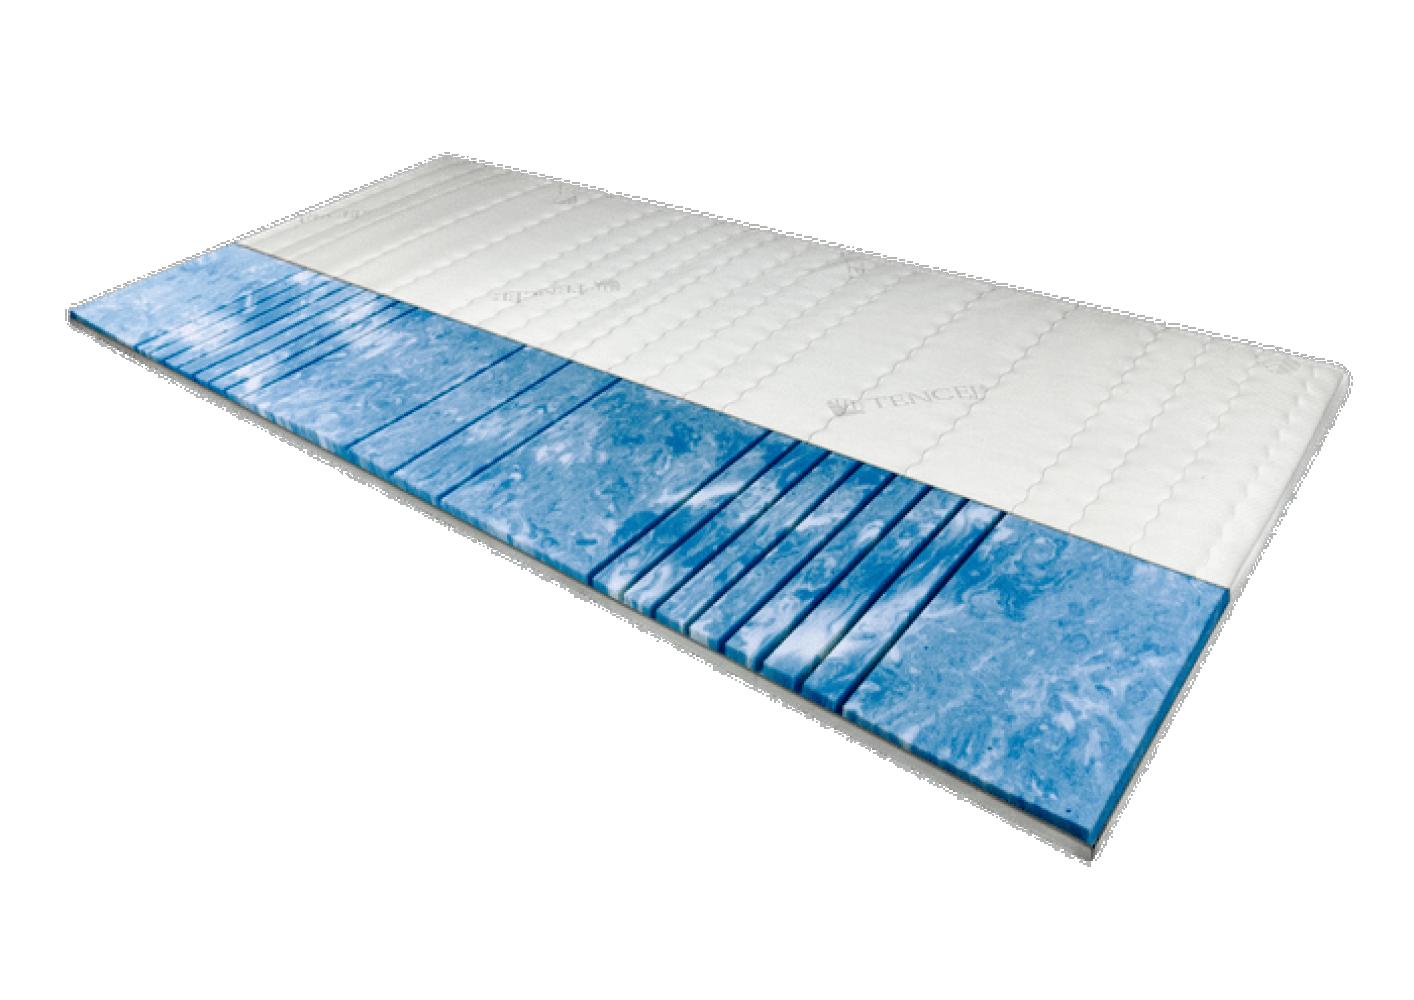 AM Qualitätsmatratzen | 7-Zonen Deluxe Gelschaum-Topper 200x220 cm - 8 cm Höhe Bild 1